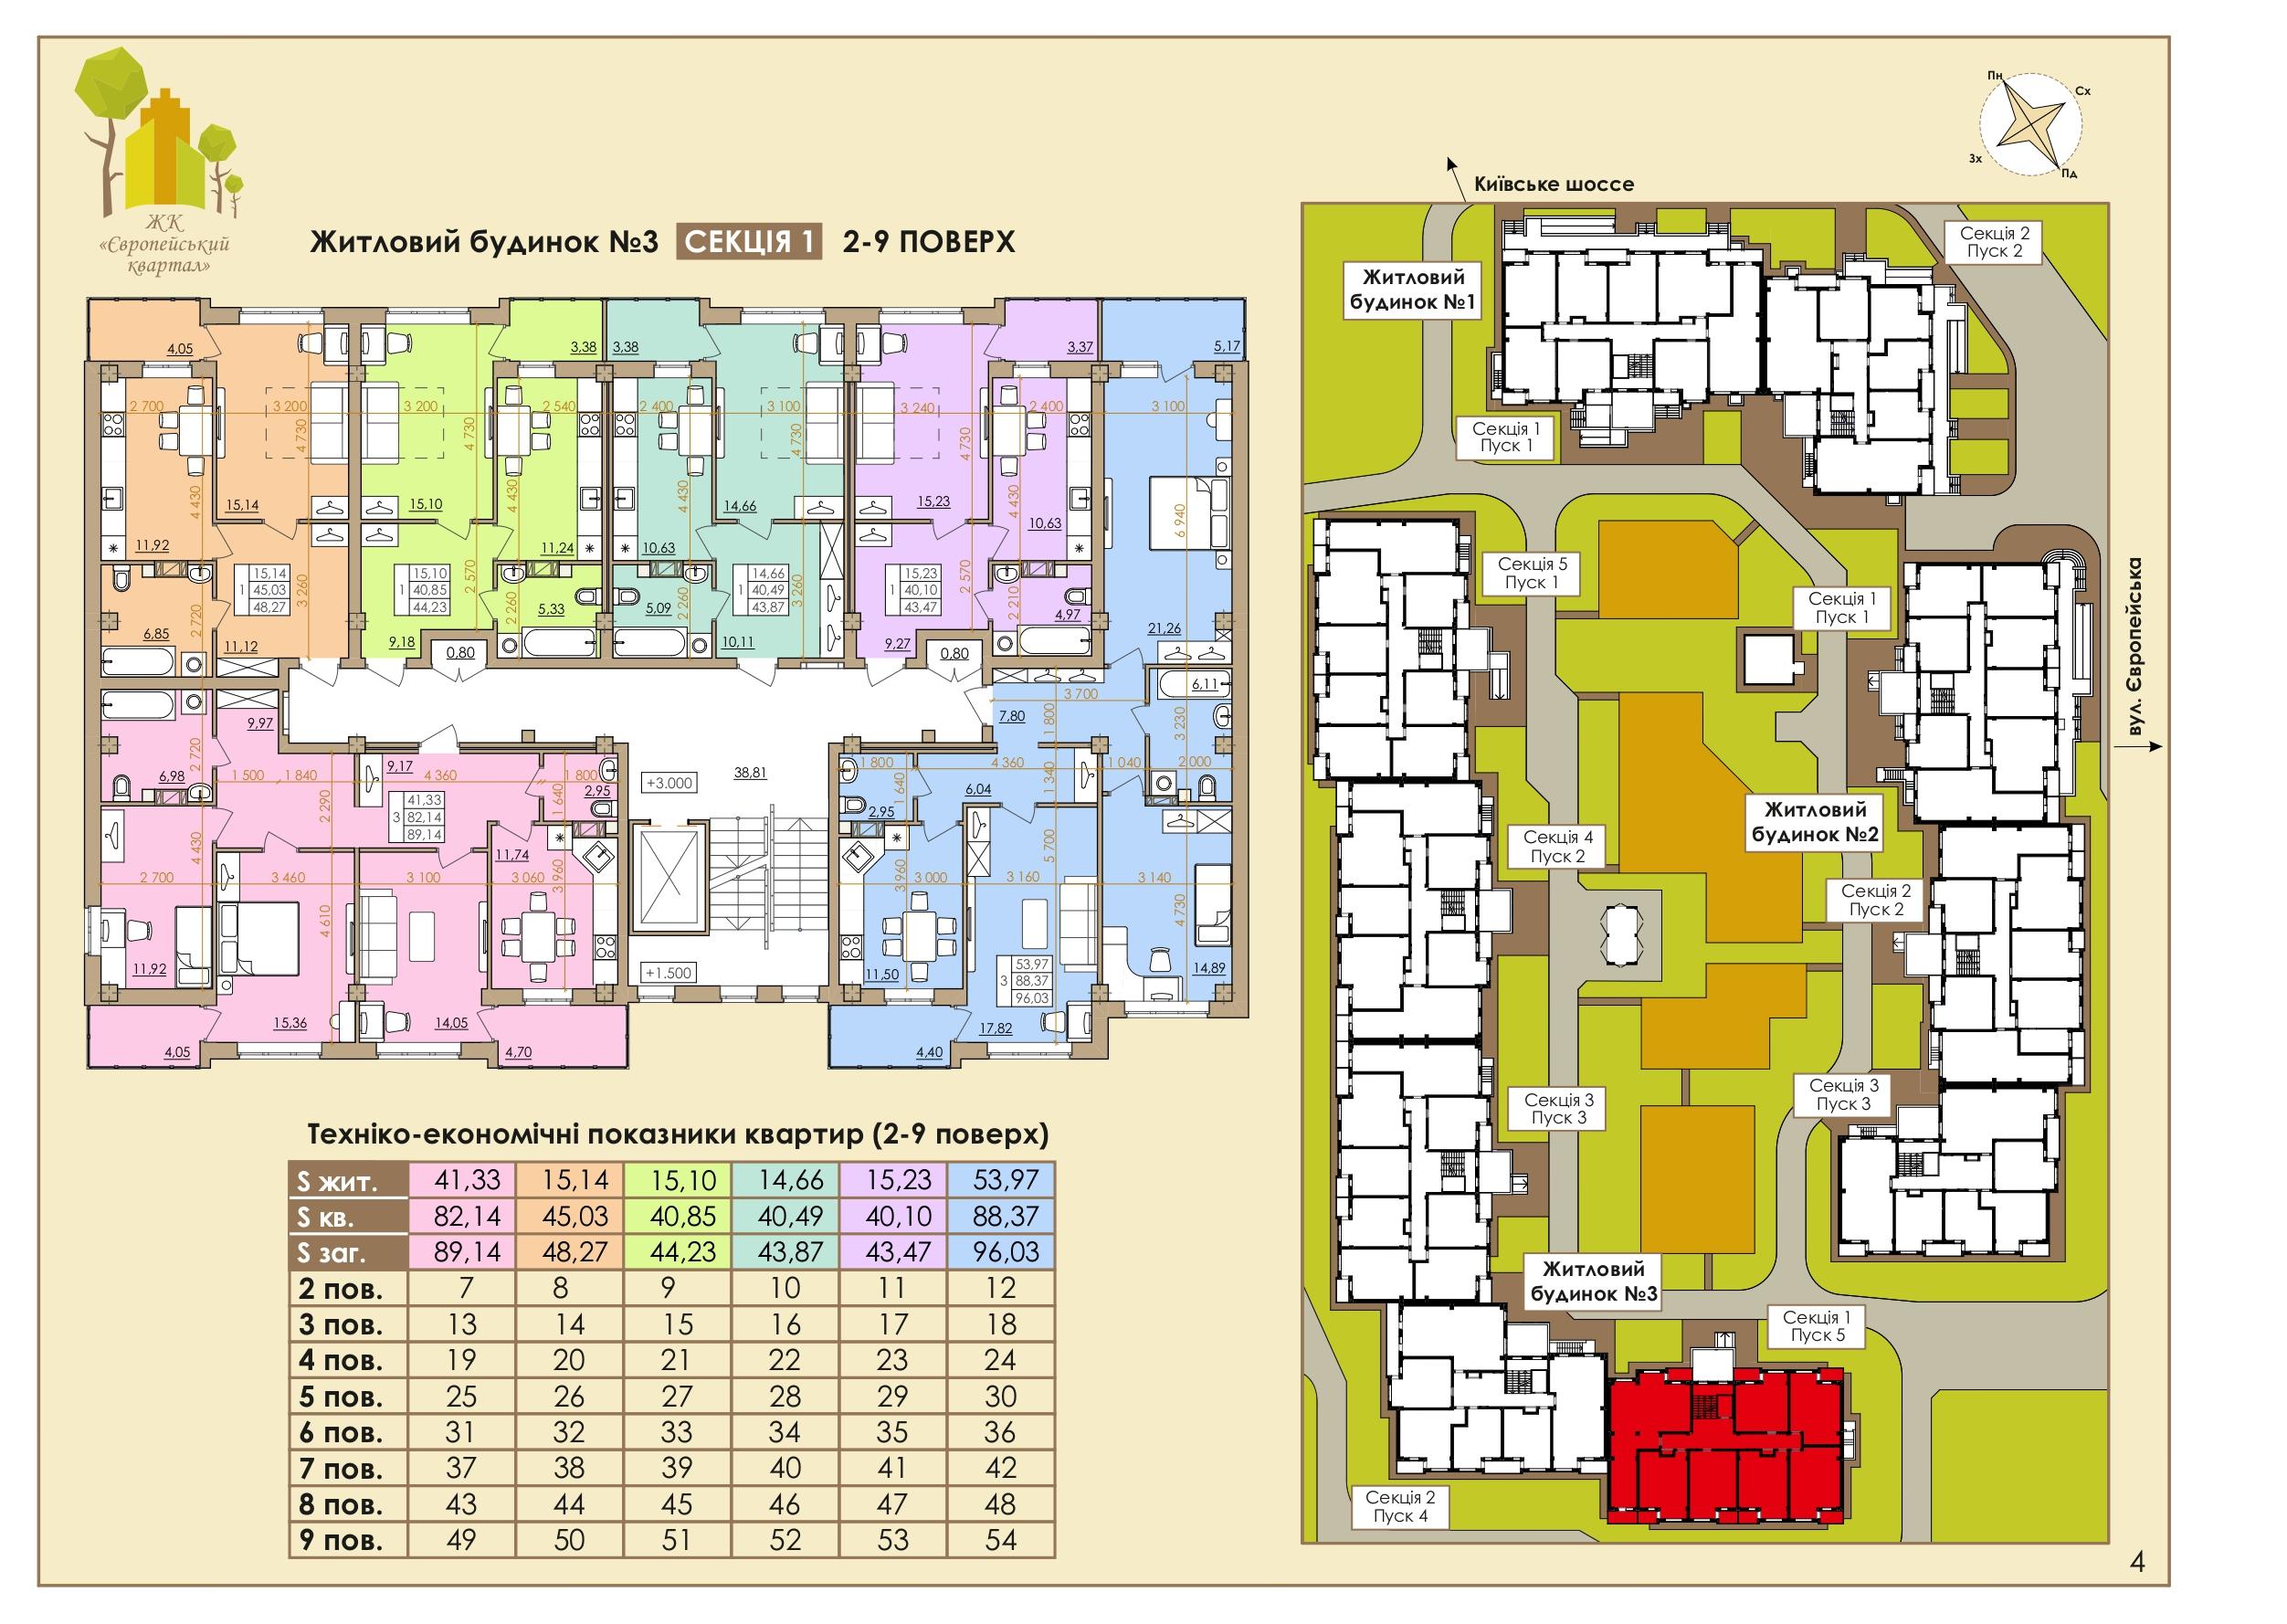 Европейская 146Е (3 Дом) 1 Подъезд 2-9 Этаж